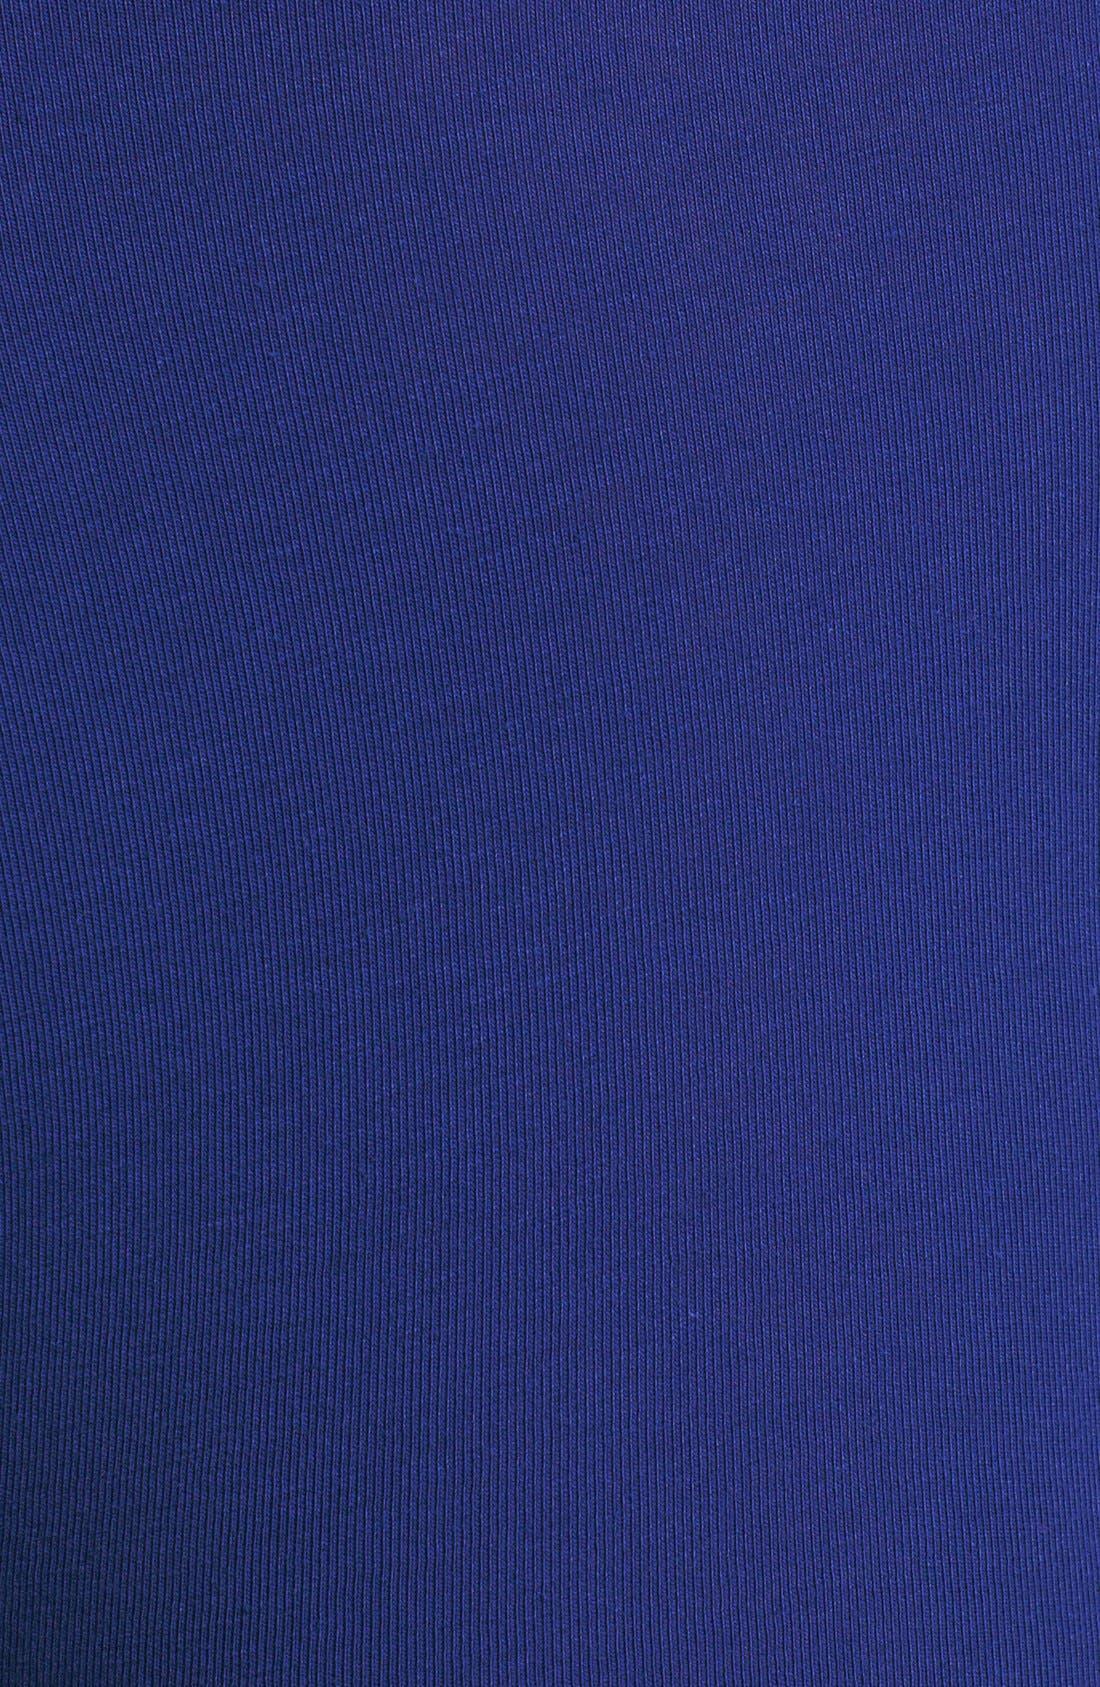 Alternate Image 3  - BOSS HUGO BOSS 'Innovation 1' Boxer Shorts